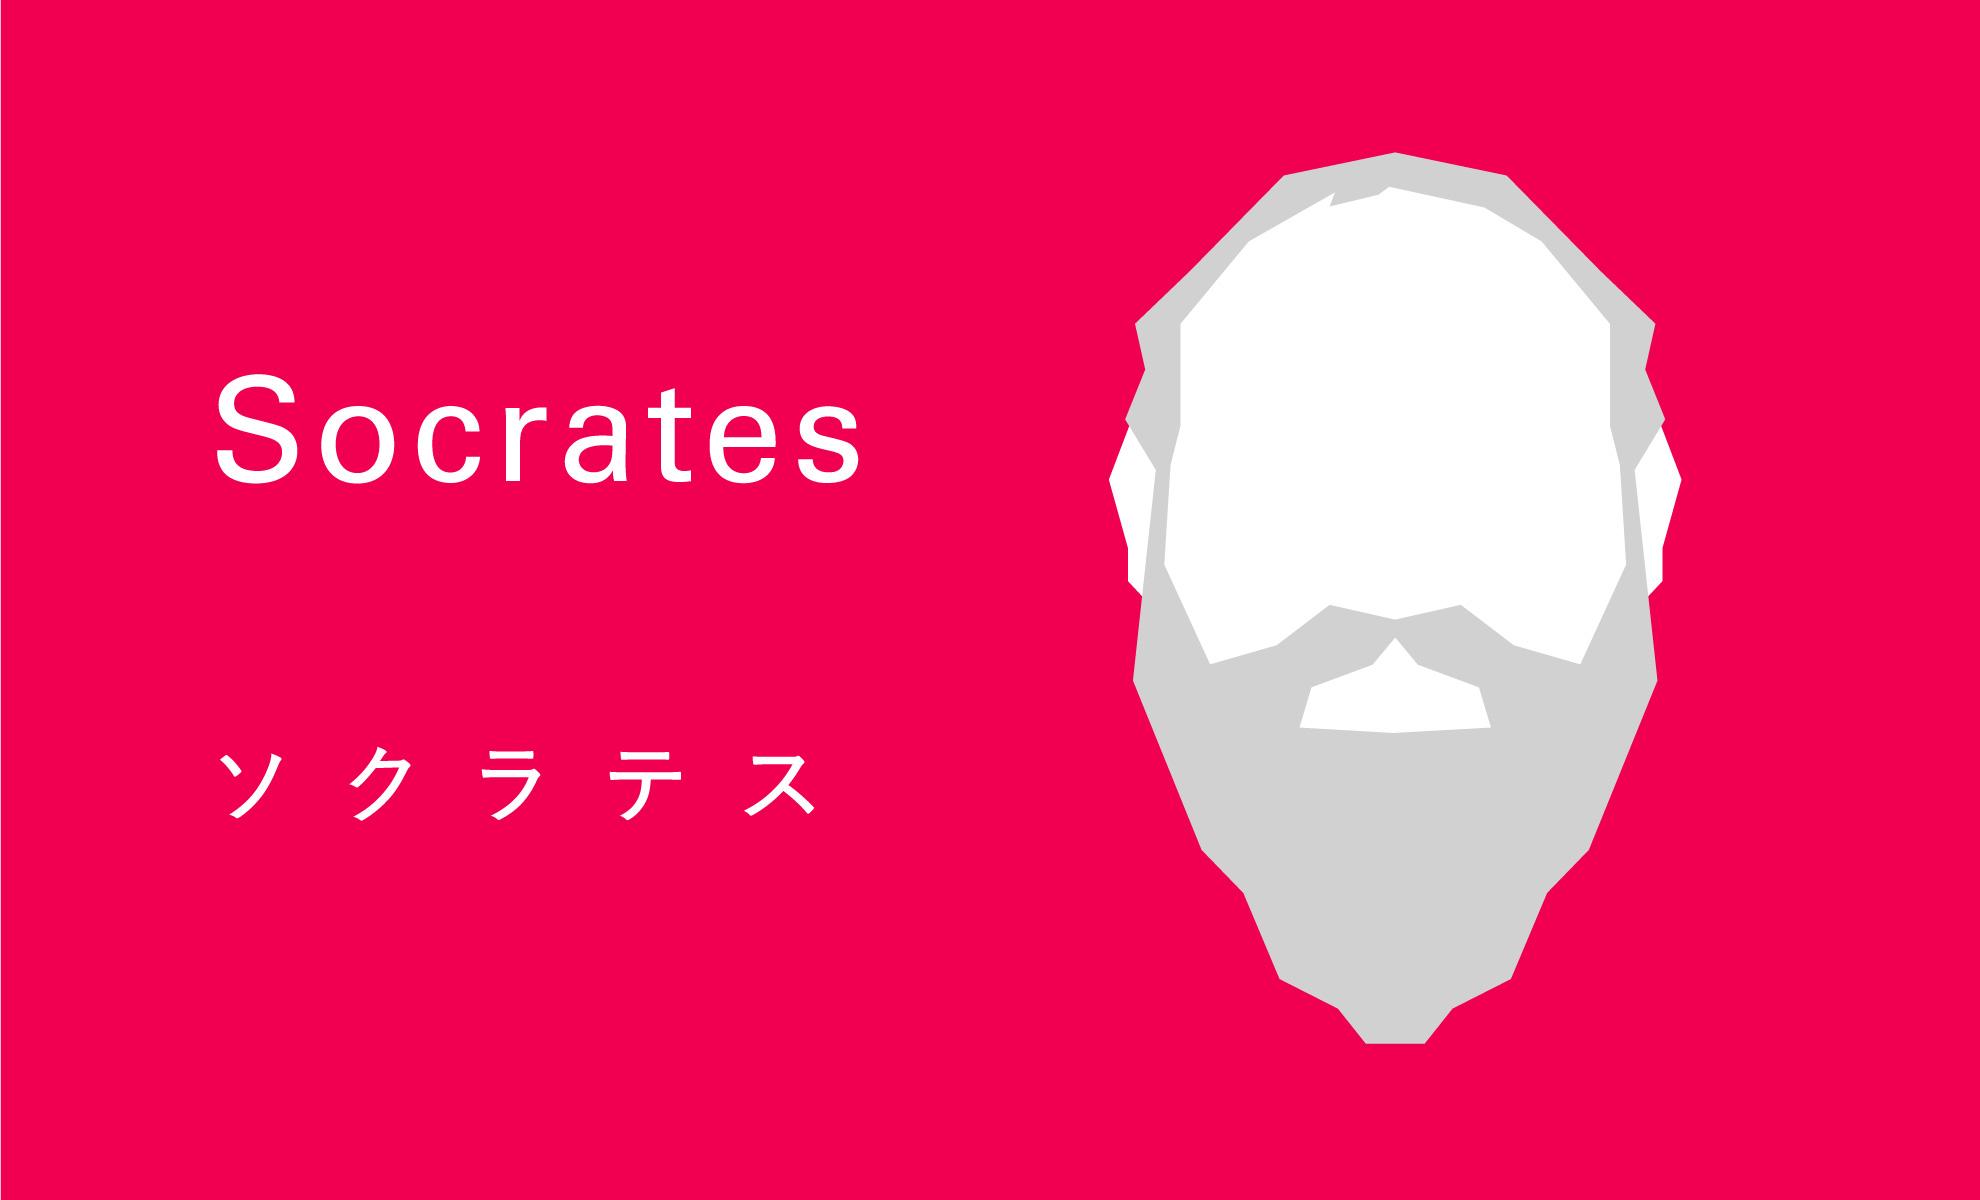 ソクラテス 画像